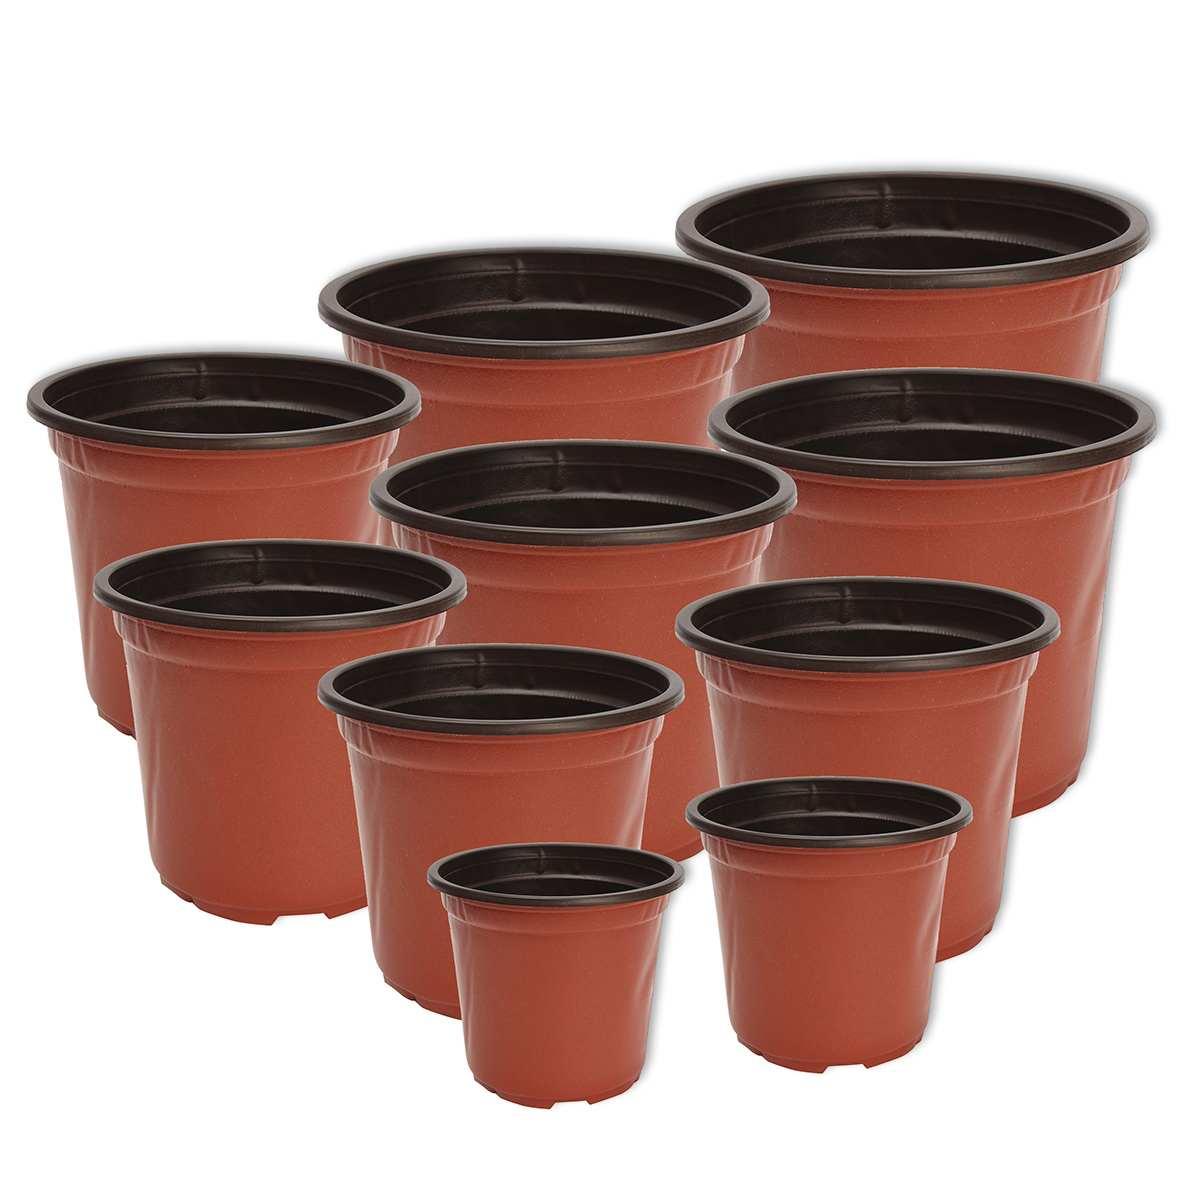 100Pcs/Set Flower Pot Plastic Plant Pots Desktop Potted Green Plant Garden Soft Nursery Flowerpot Home Vegetation Tools 12 Size|Flower Pots & Planters| |  - title=